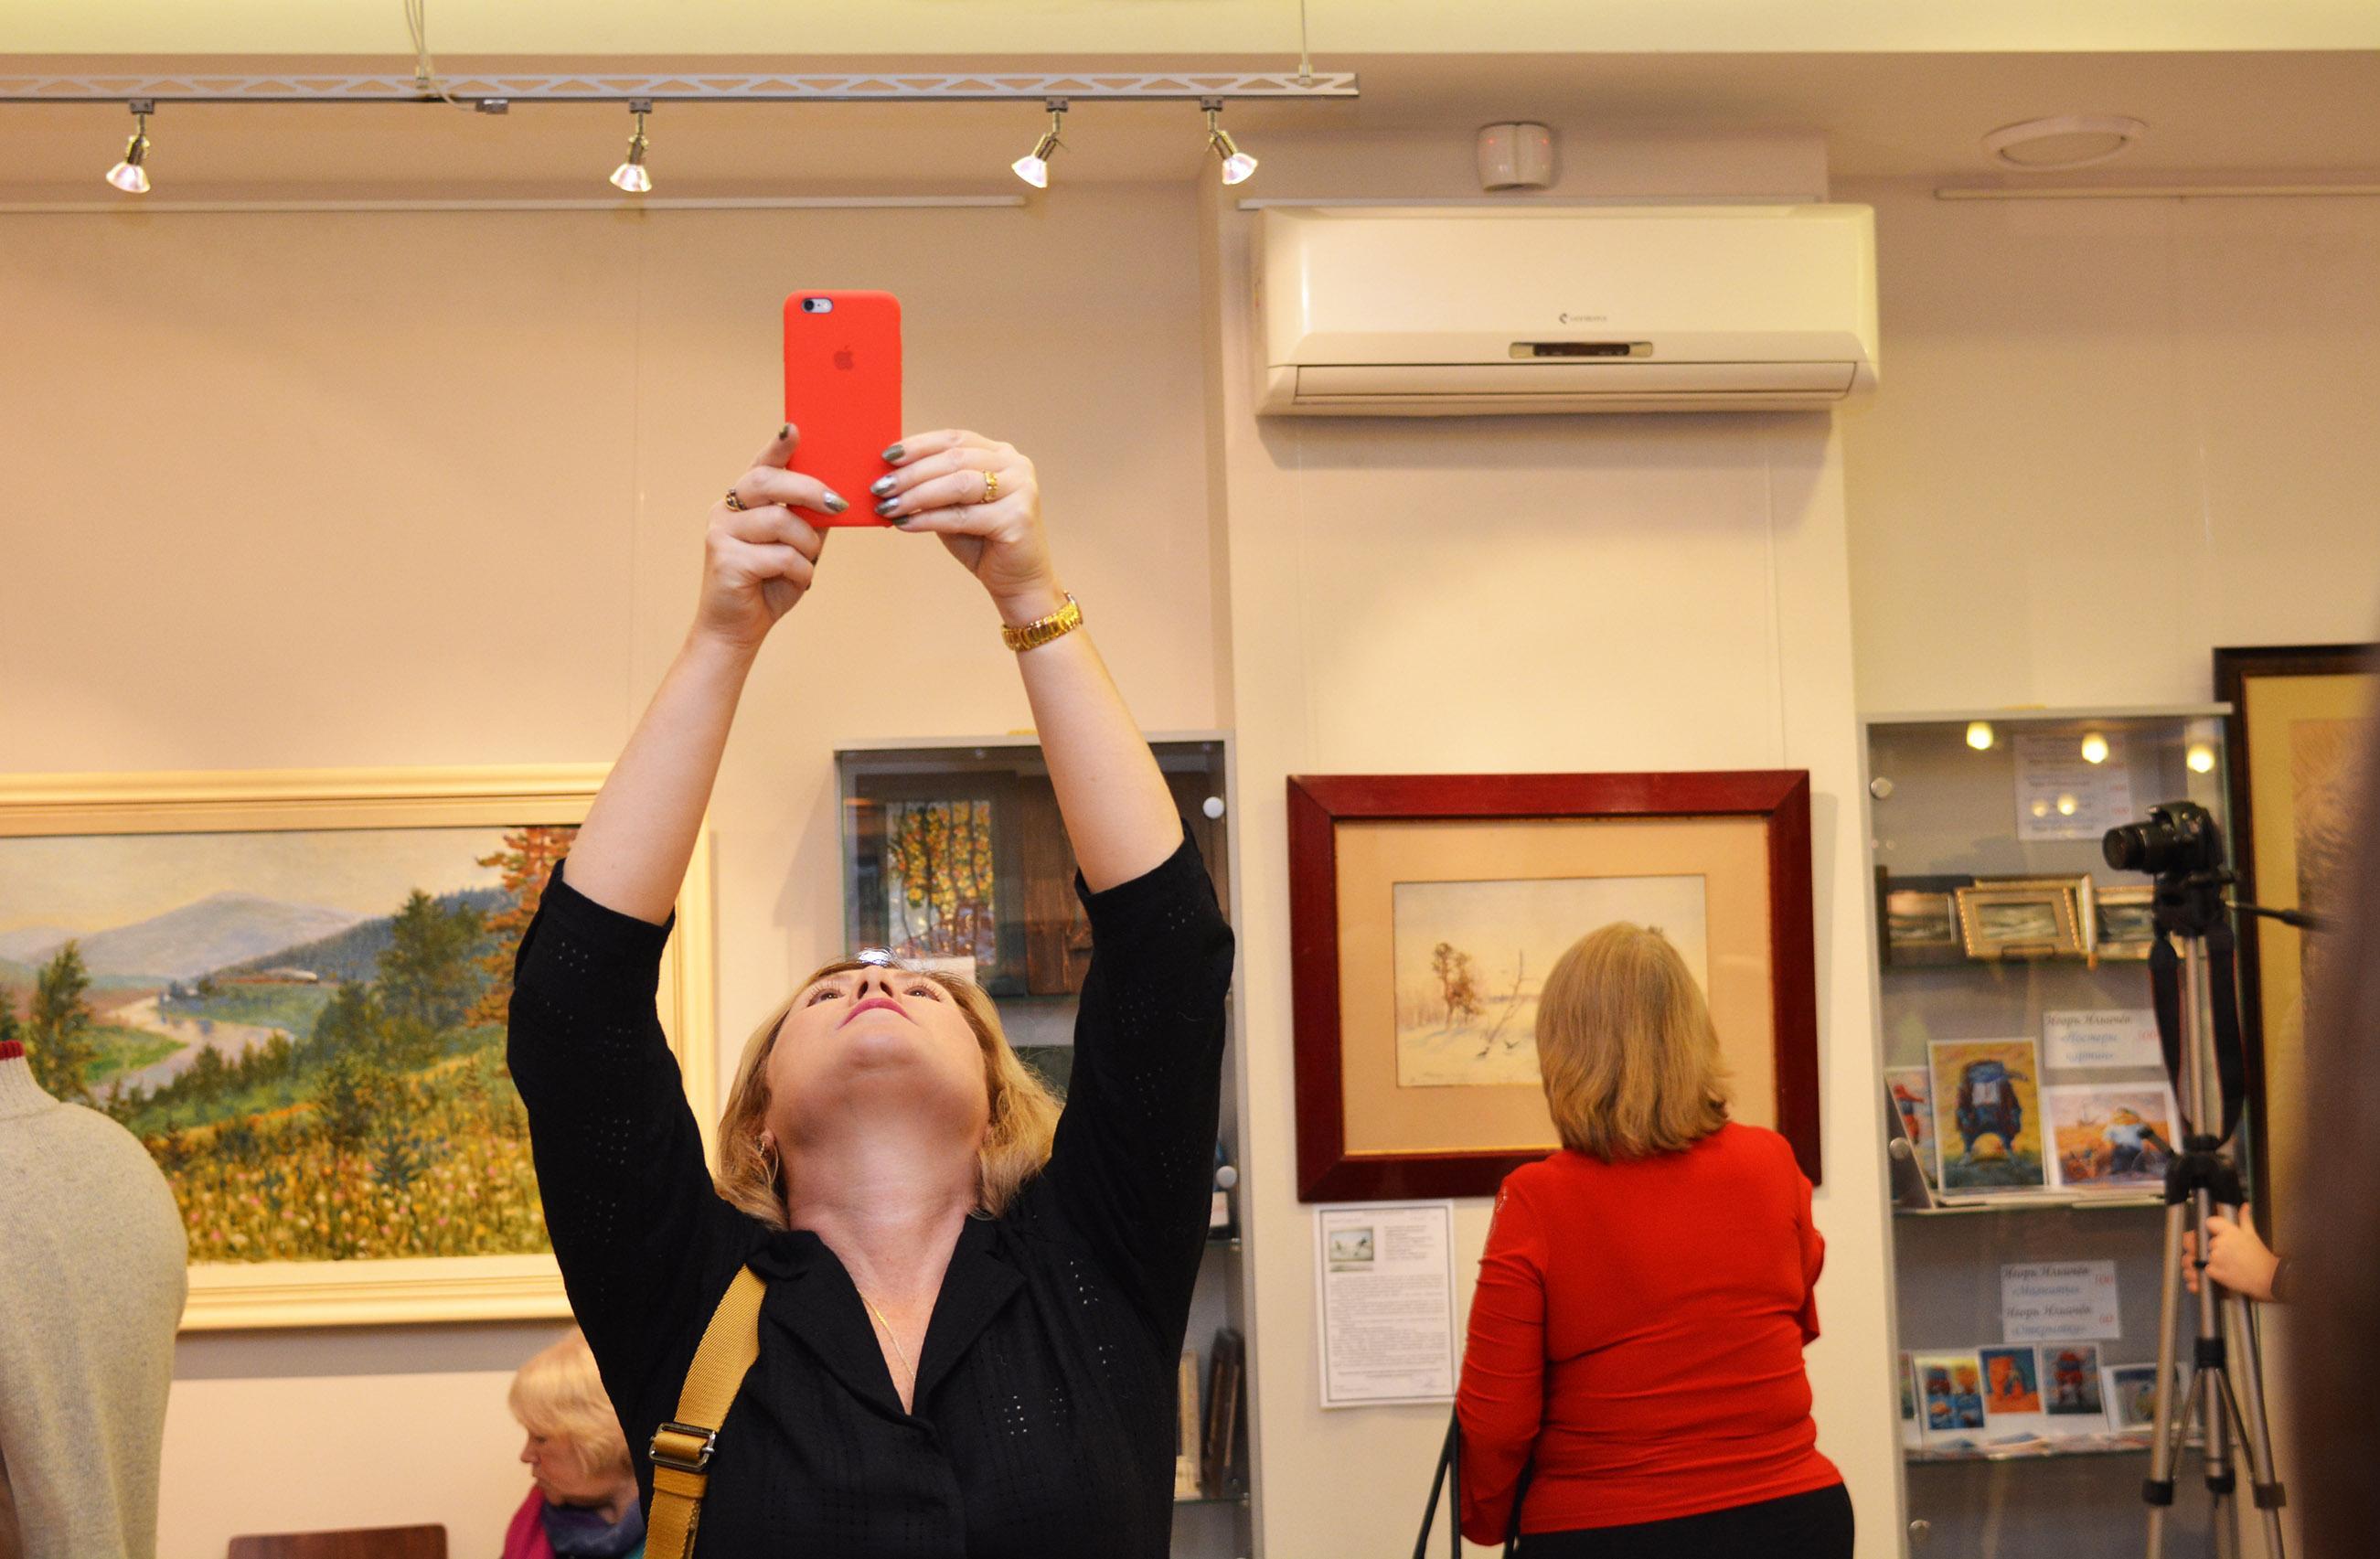 Галерея русского искусства Old-Art в гостях у Арт-Клуба «Татьянин день»